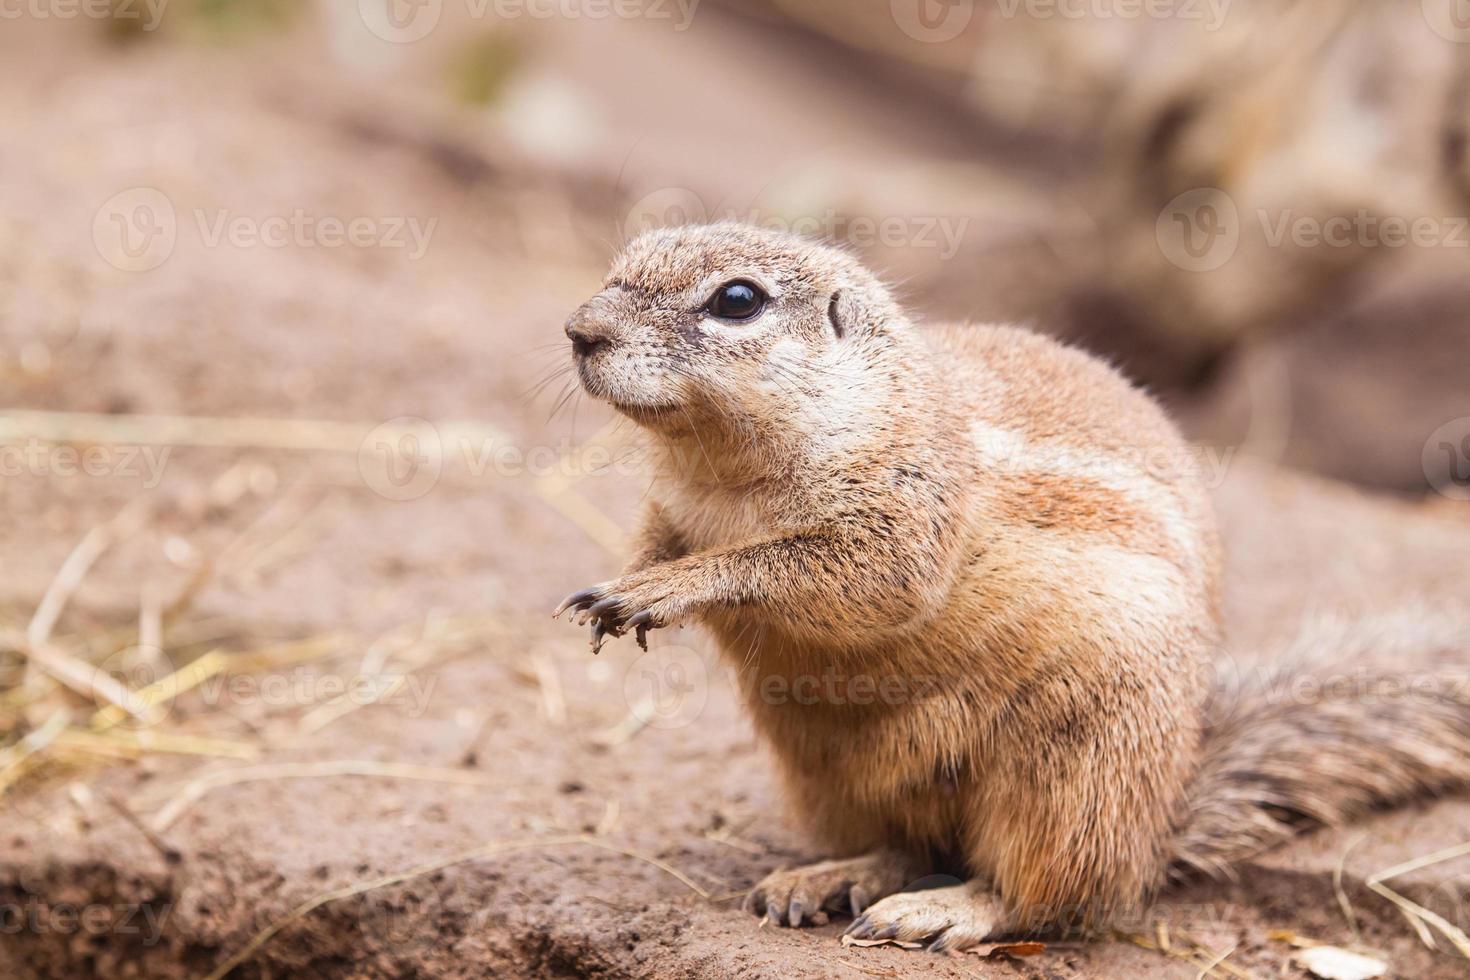 Kap Eichhörnchen foto